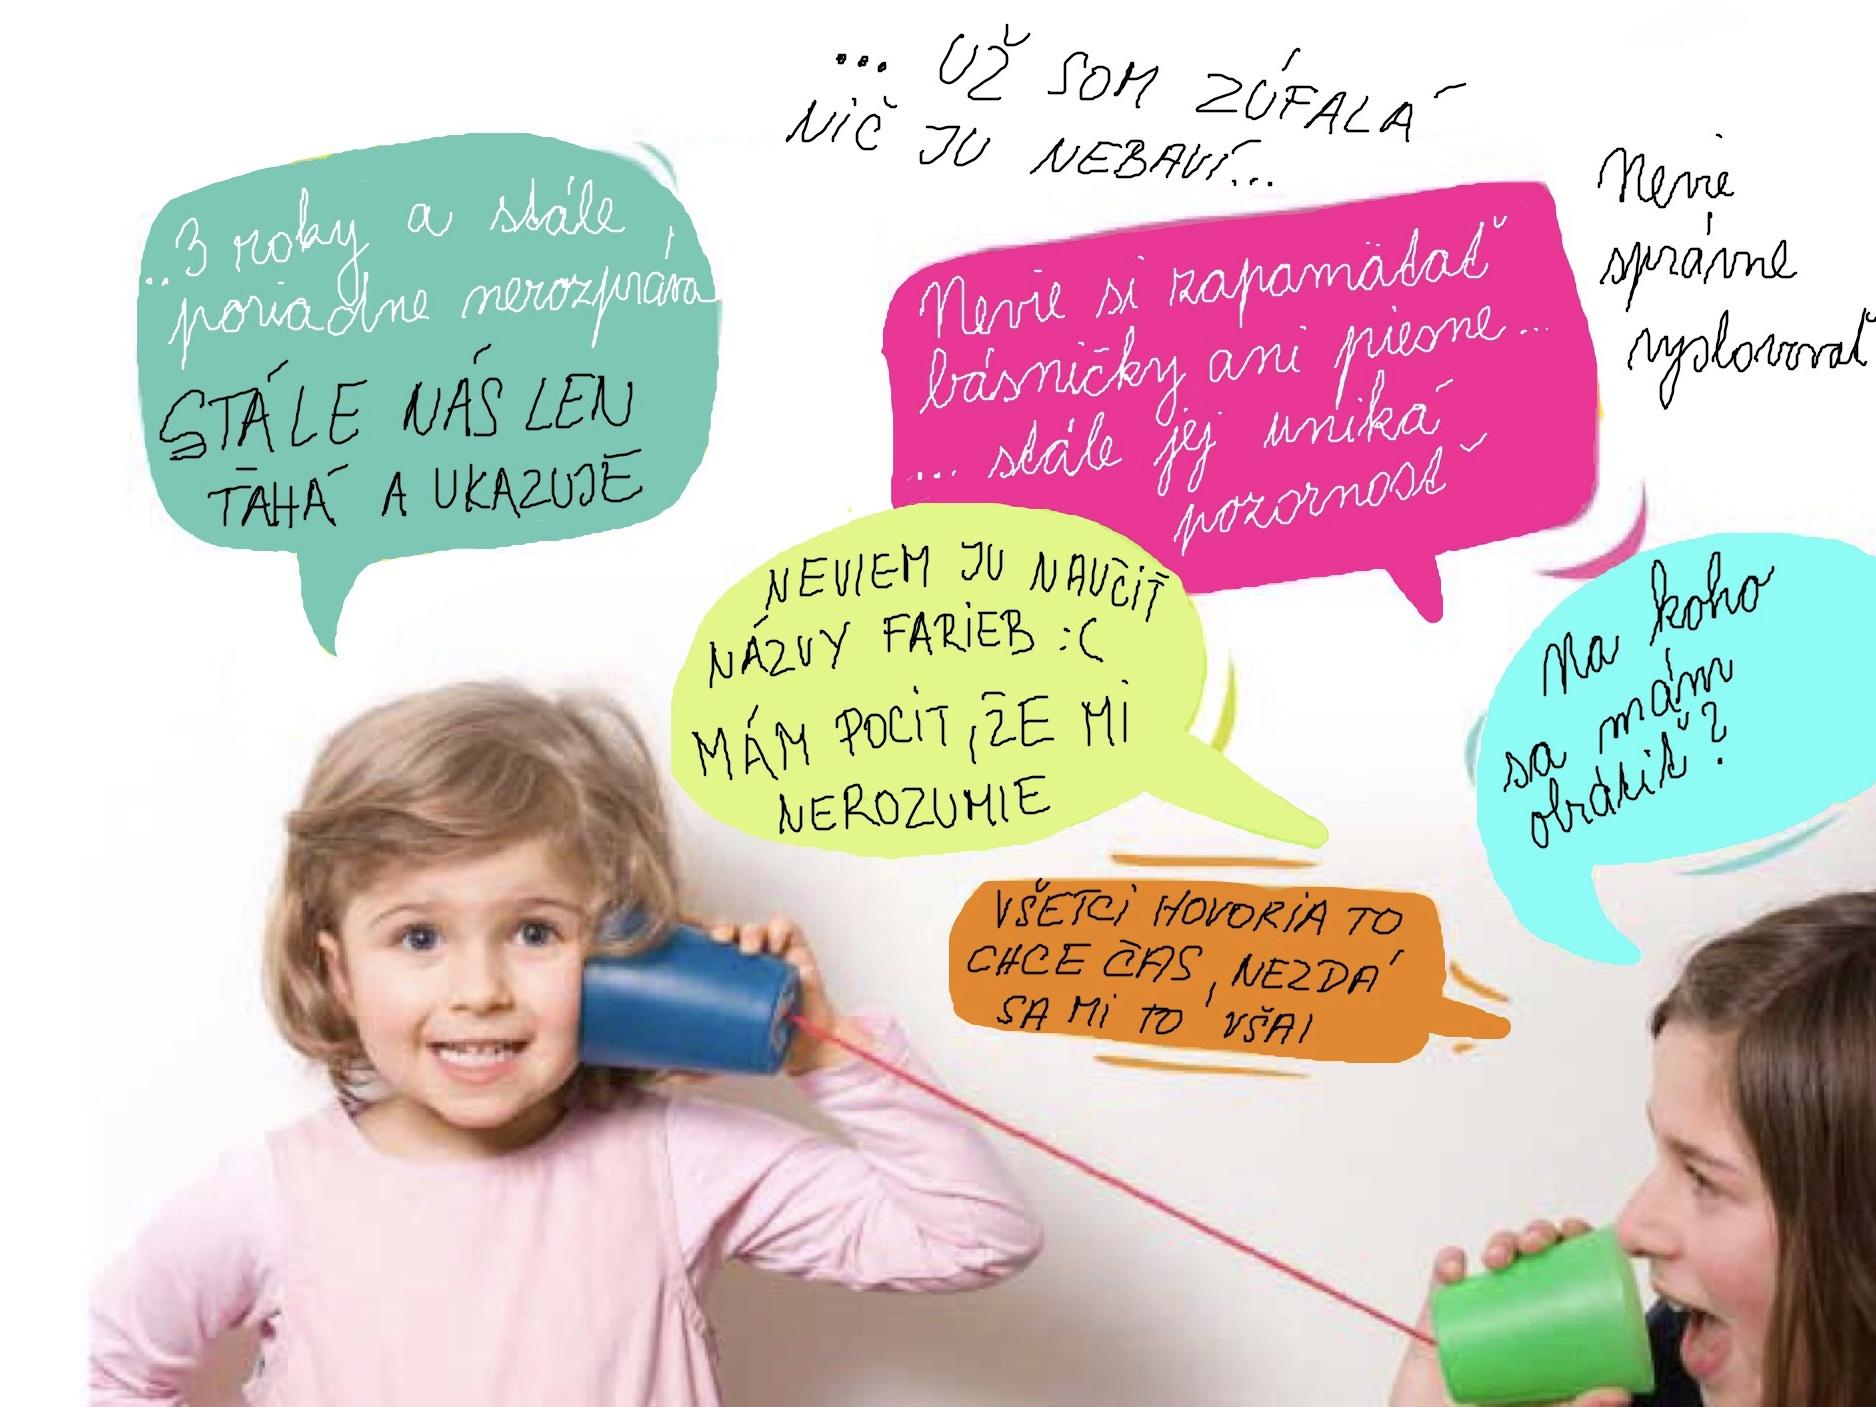 88c794760 dieťa nedžavoce, dieťa nekomunikuje ani vlastnou rečou ani gestami, reč  dieťaťa je oveľa chudobnejšia ako u rovesníkov.